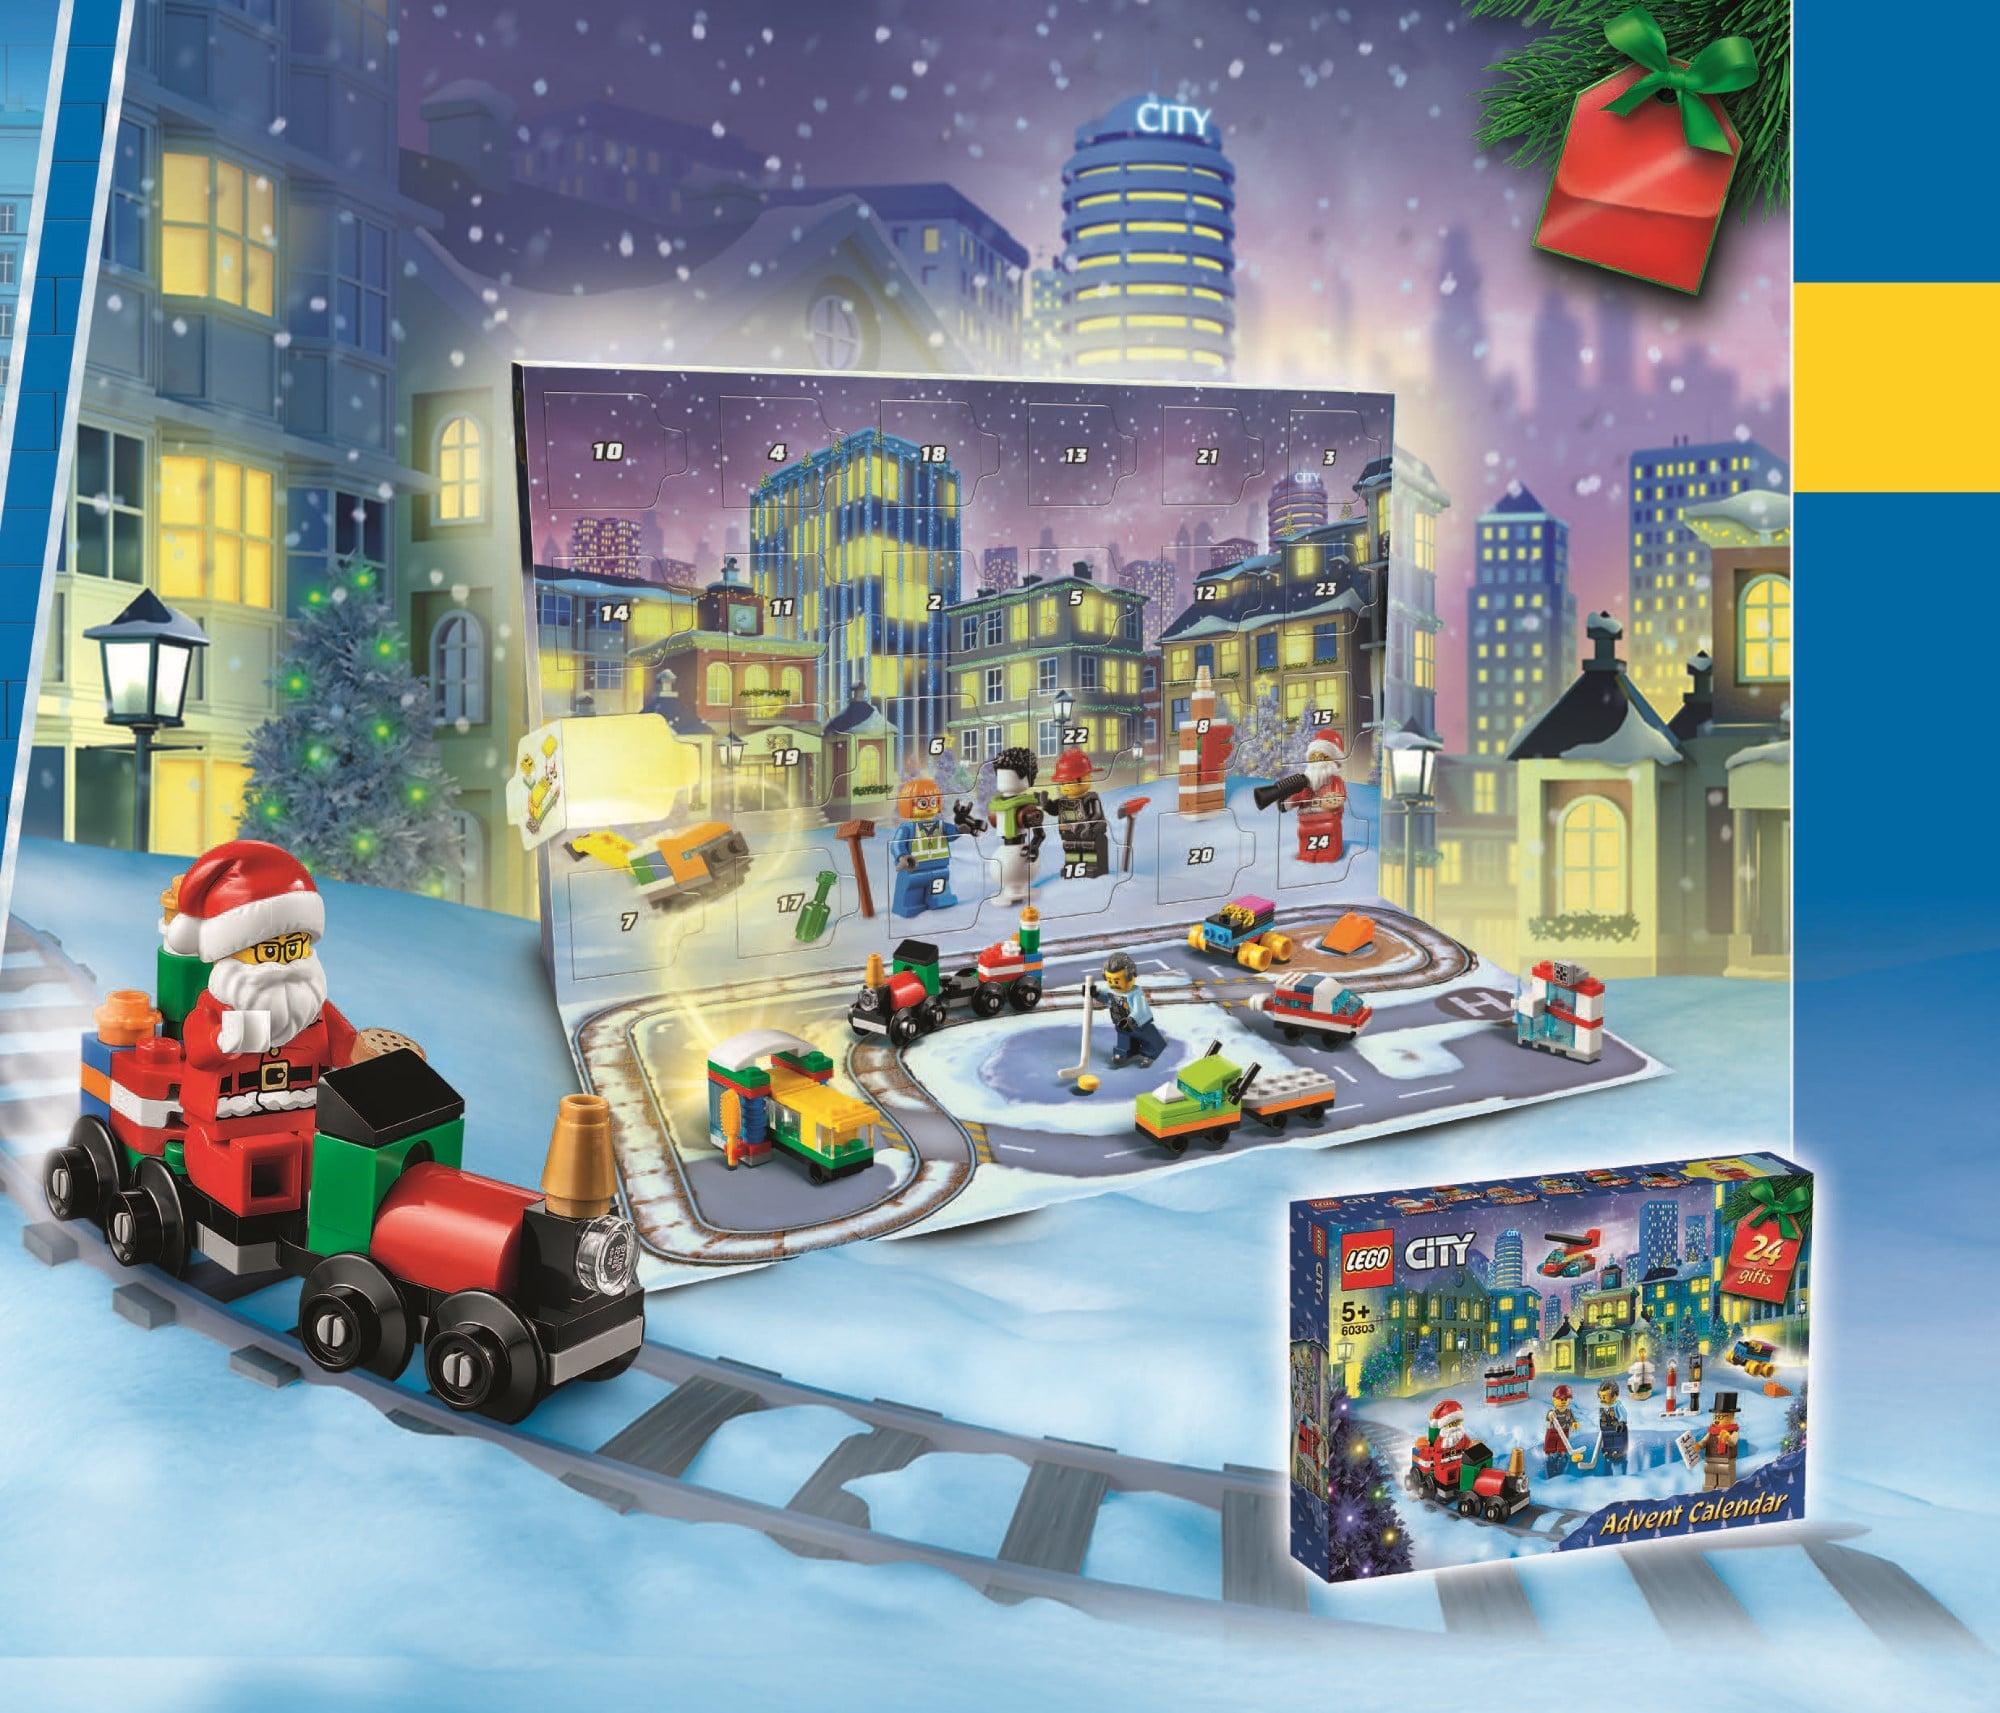 LEGO City 60303 Adventskalender 2021